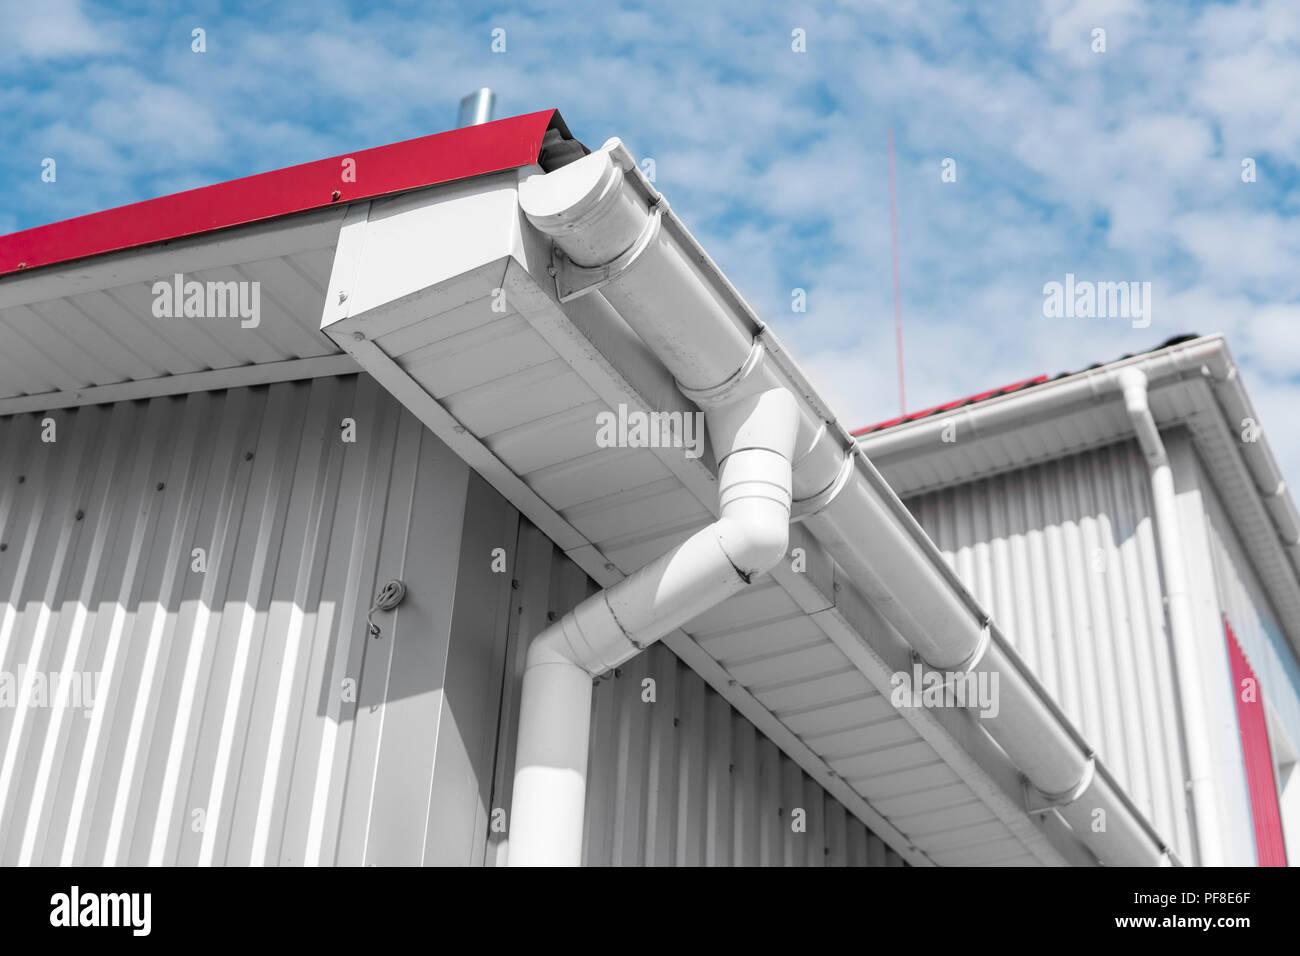 weiß regenrinne auf einem haus mit rotem dach gegen den blauen